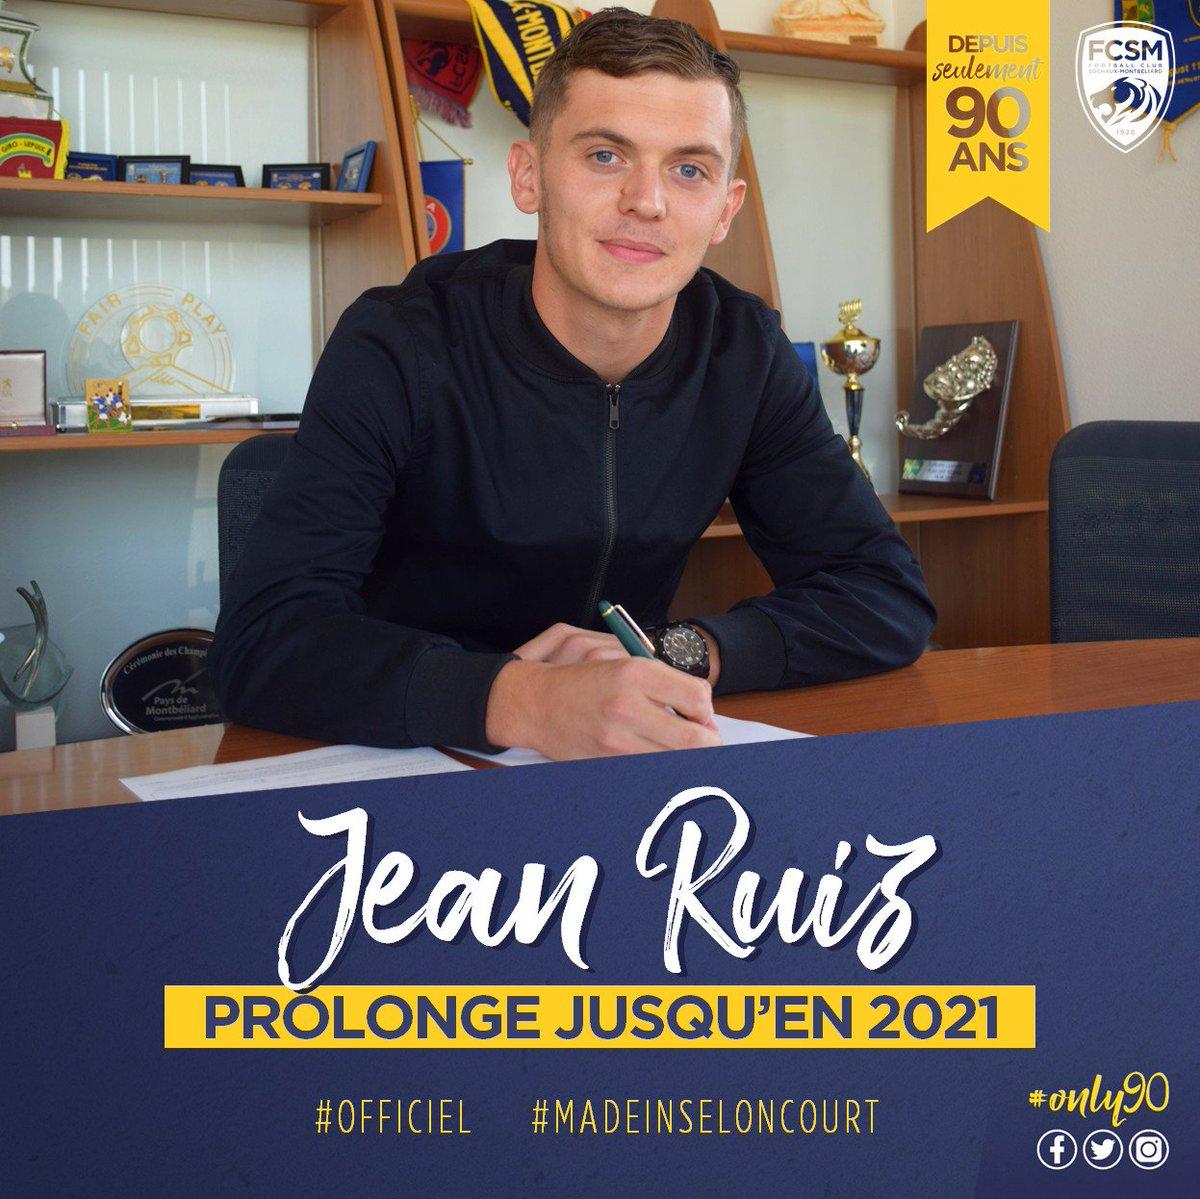 Jean Ruiz